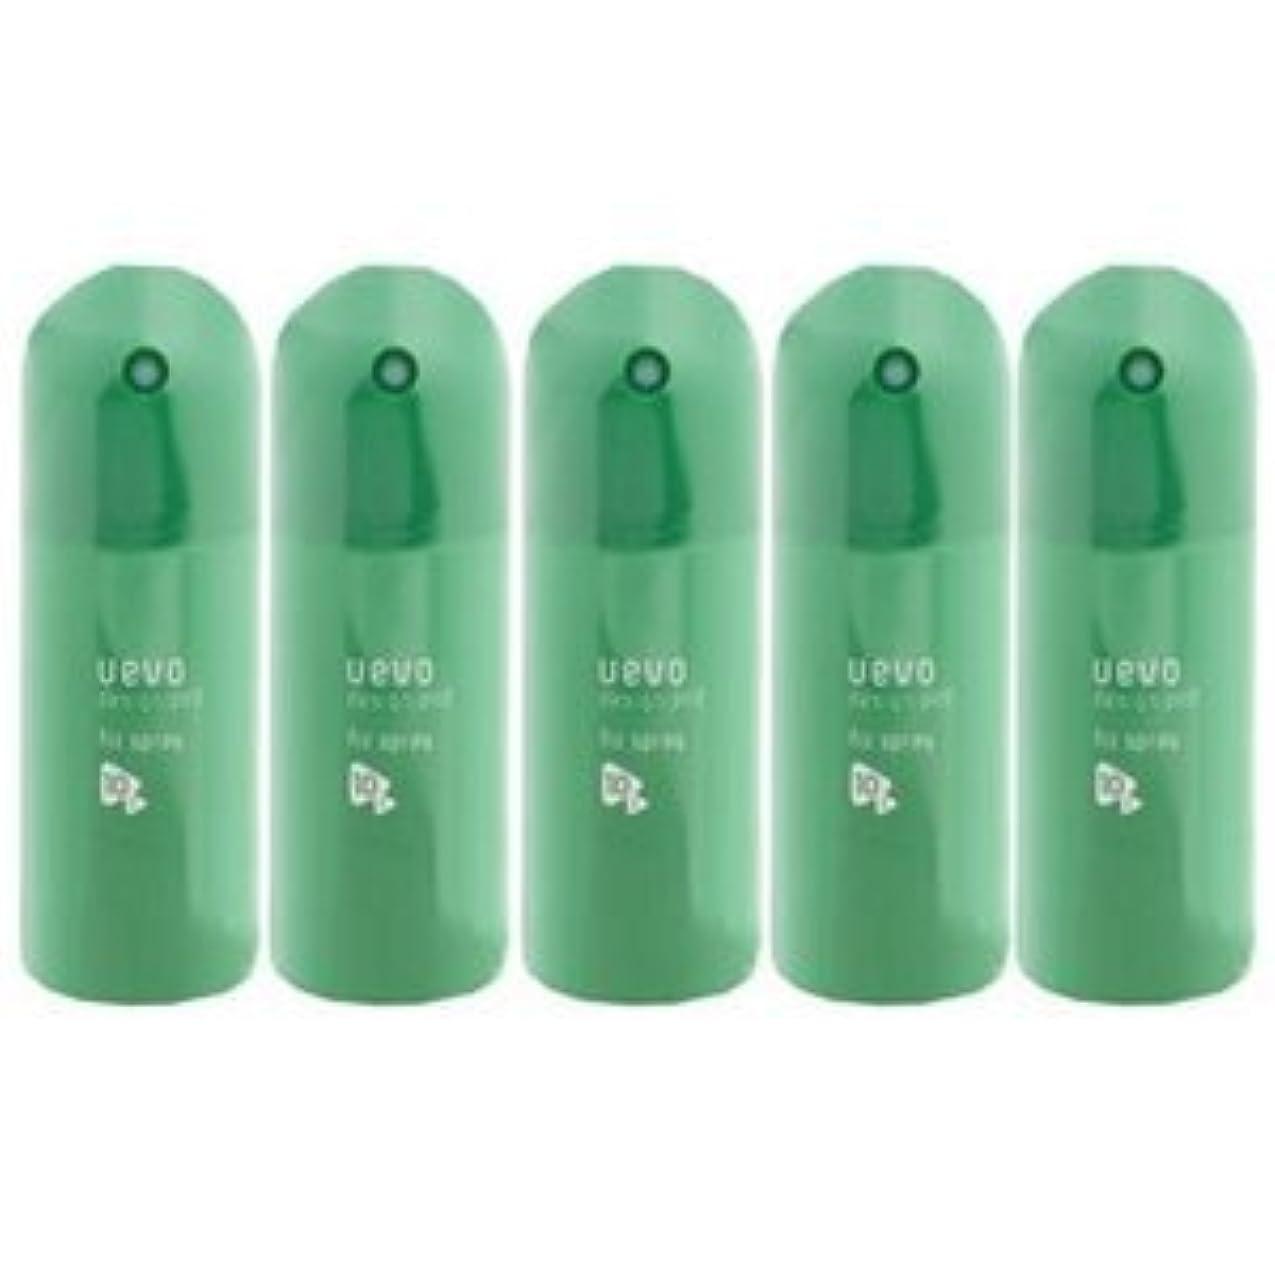 真珠のような慣らす洗練された【X5個セット】 デミ ウェーボ デザインポッド フィックススプレー 220ml fix spray